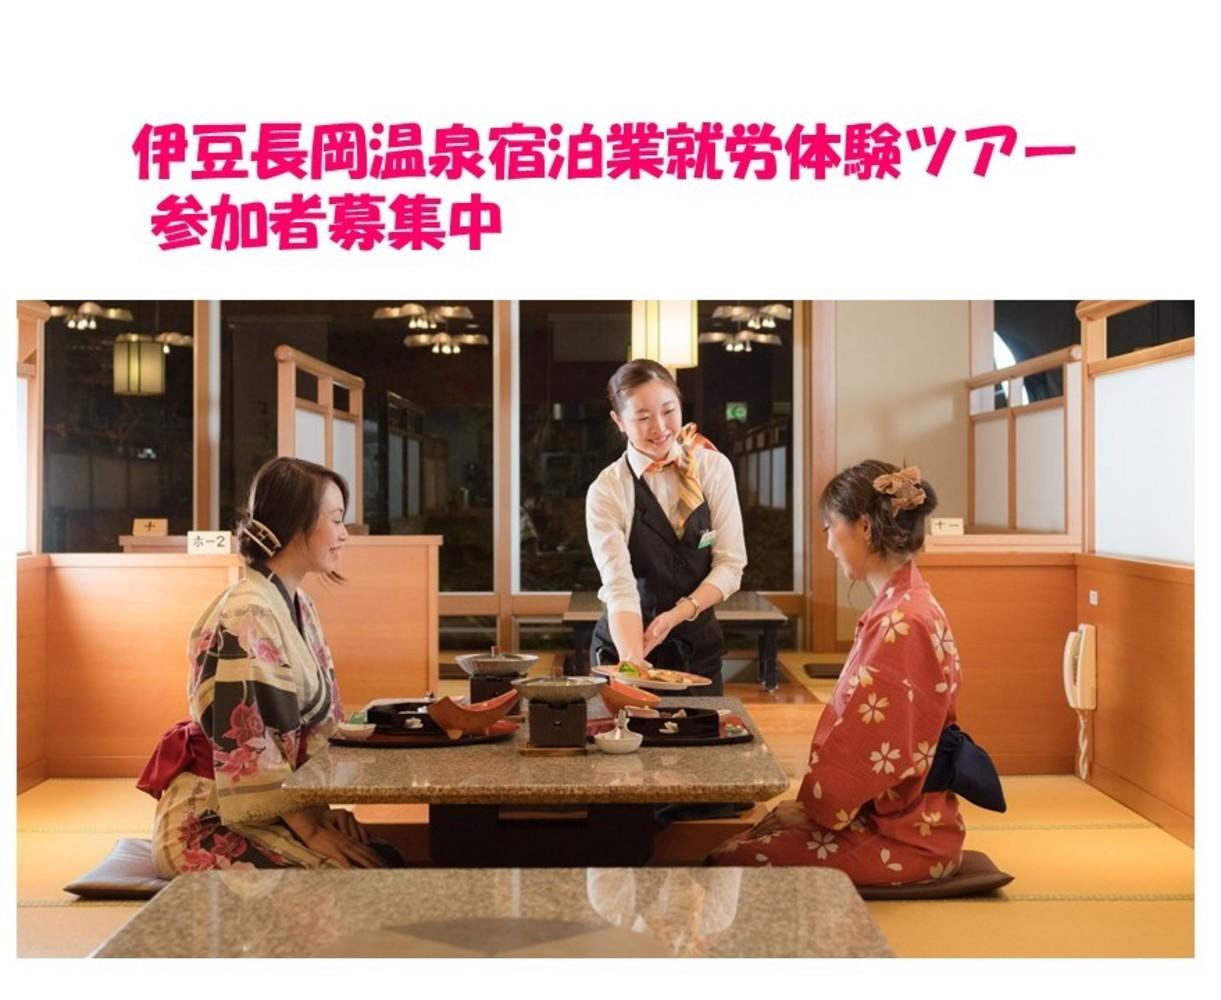 Izu Nagaoka hot springs penginapan industri bekerja pengalaman wisata